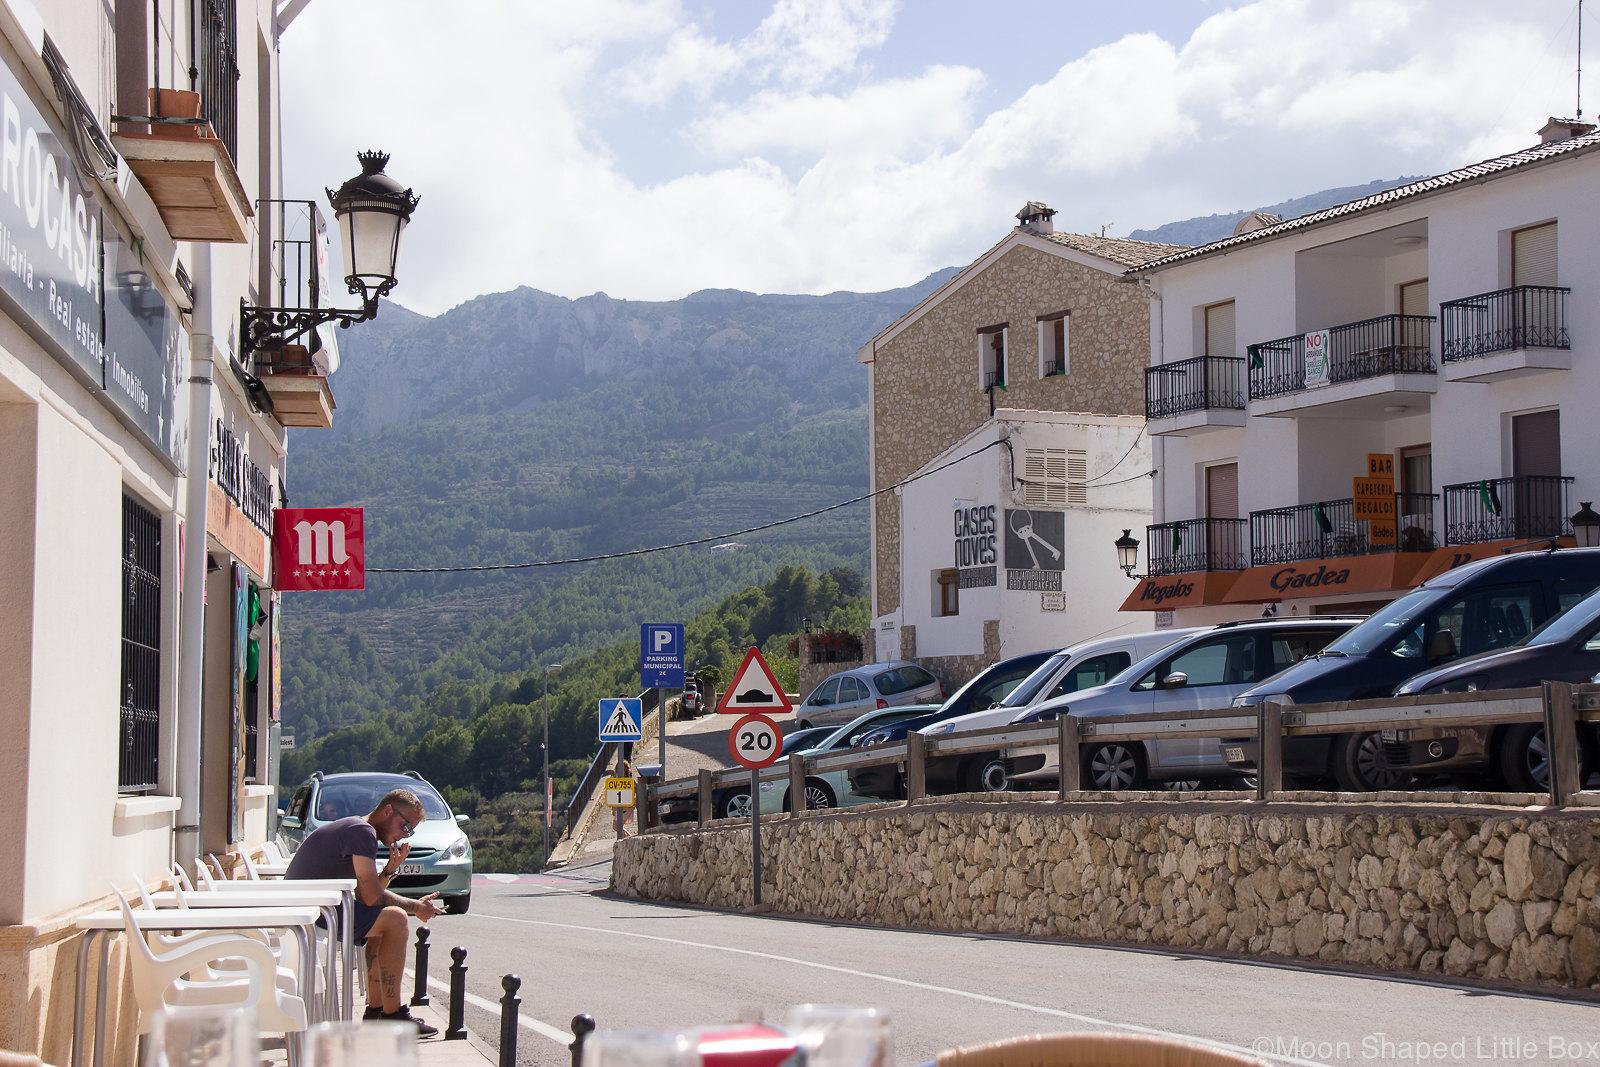 Guadalest_Spain_Espanja_2018-2